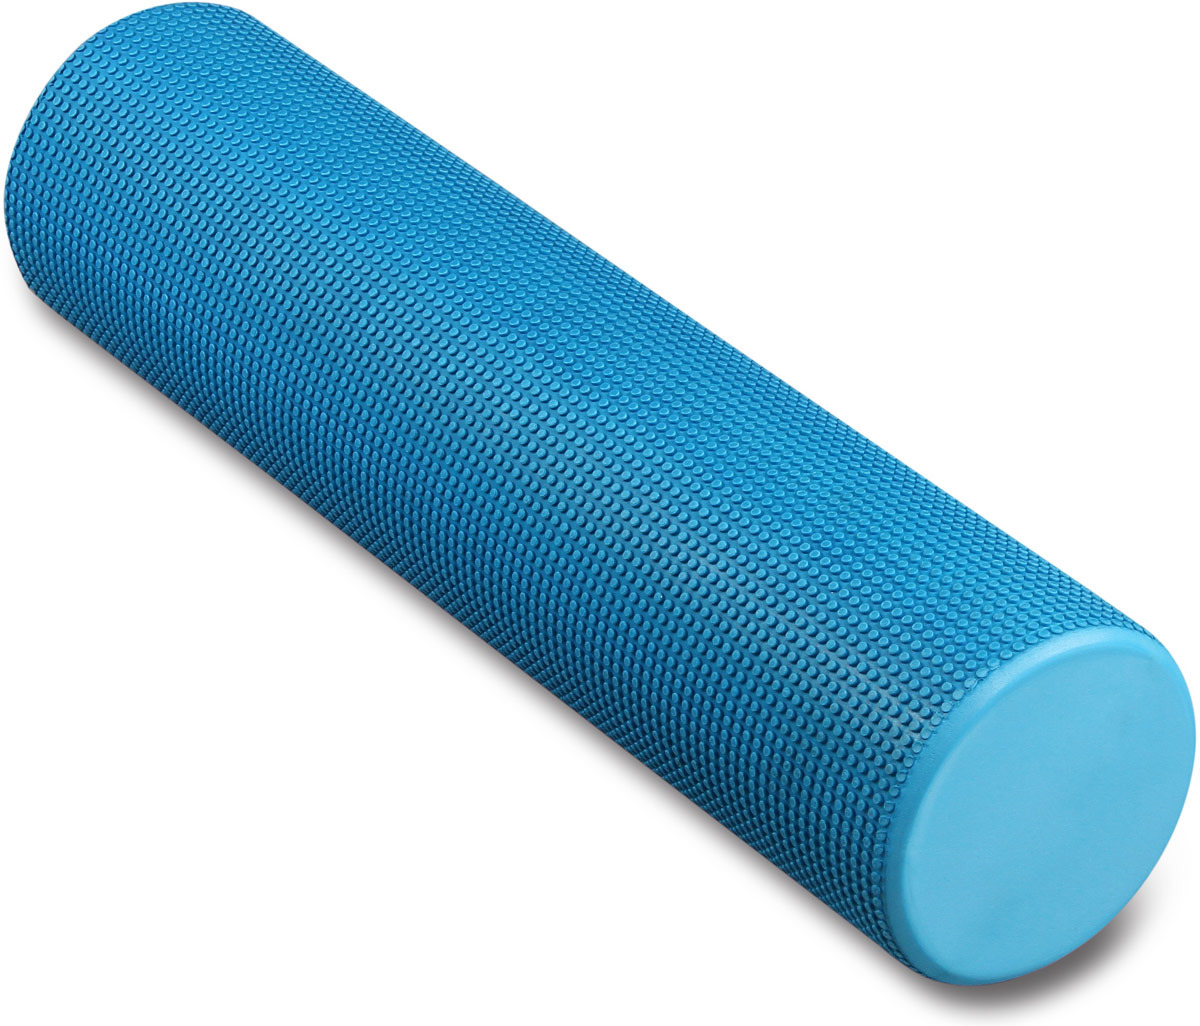 Ролик массажный для йоги Indigo, голубой, 15 х 60 см цена